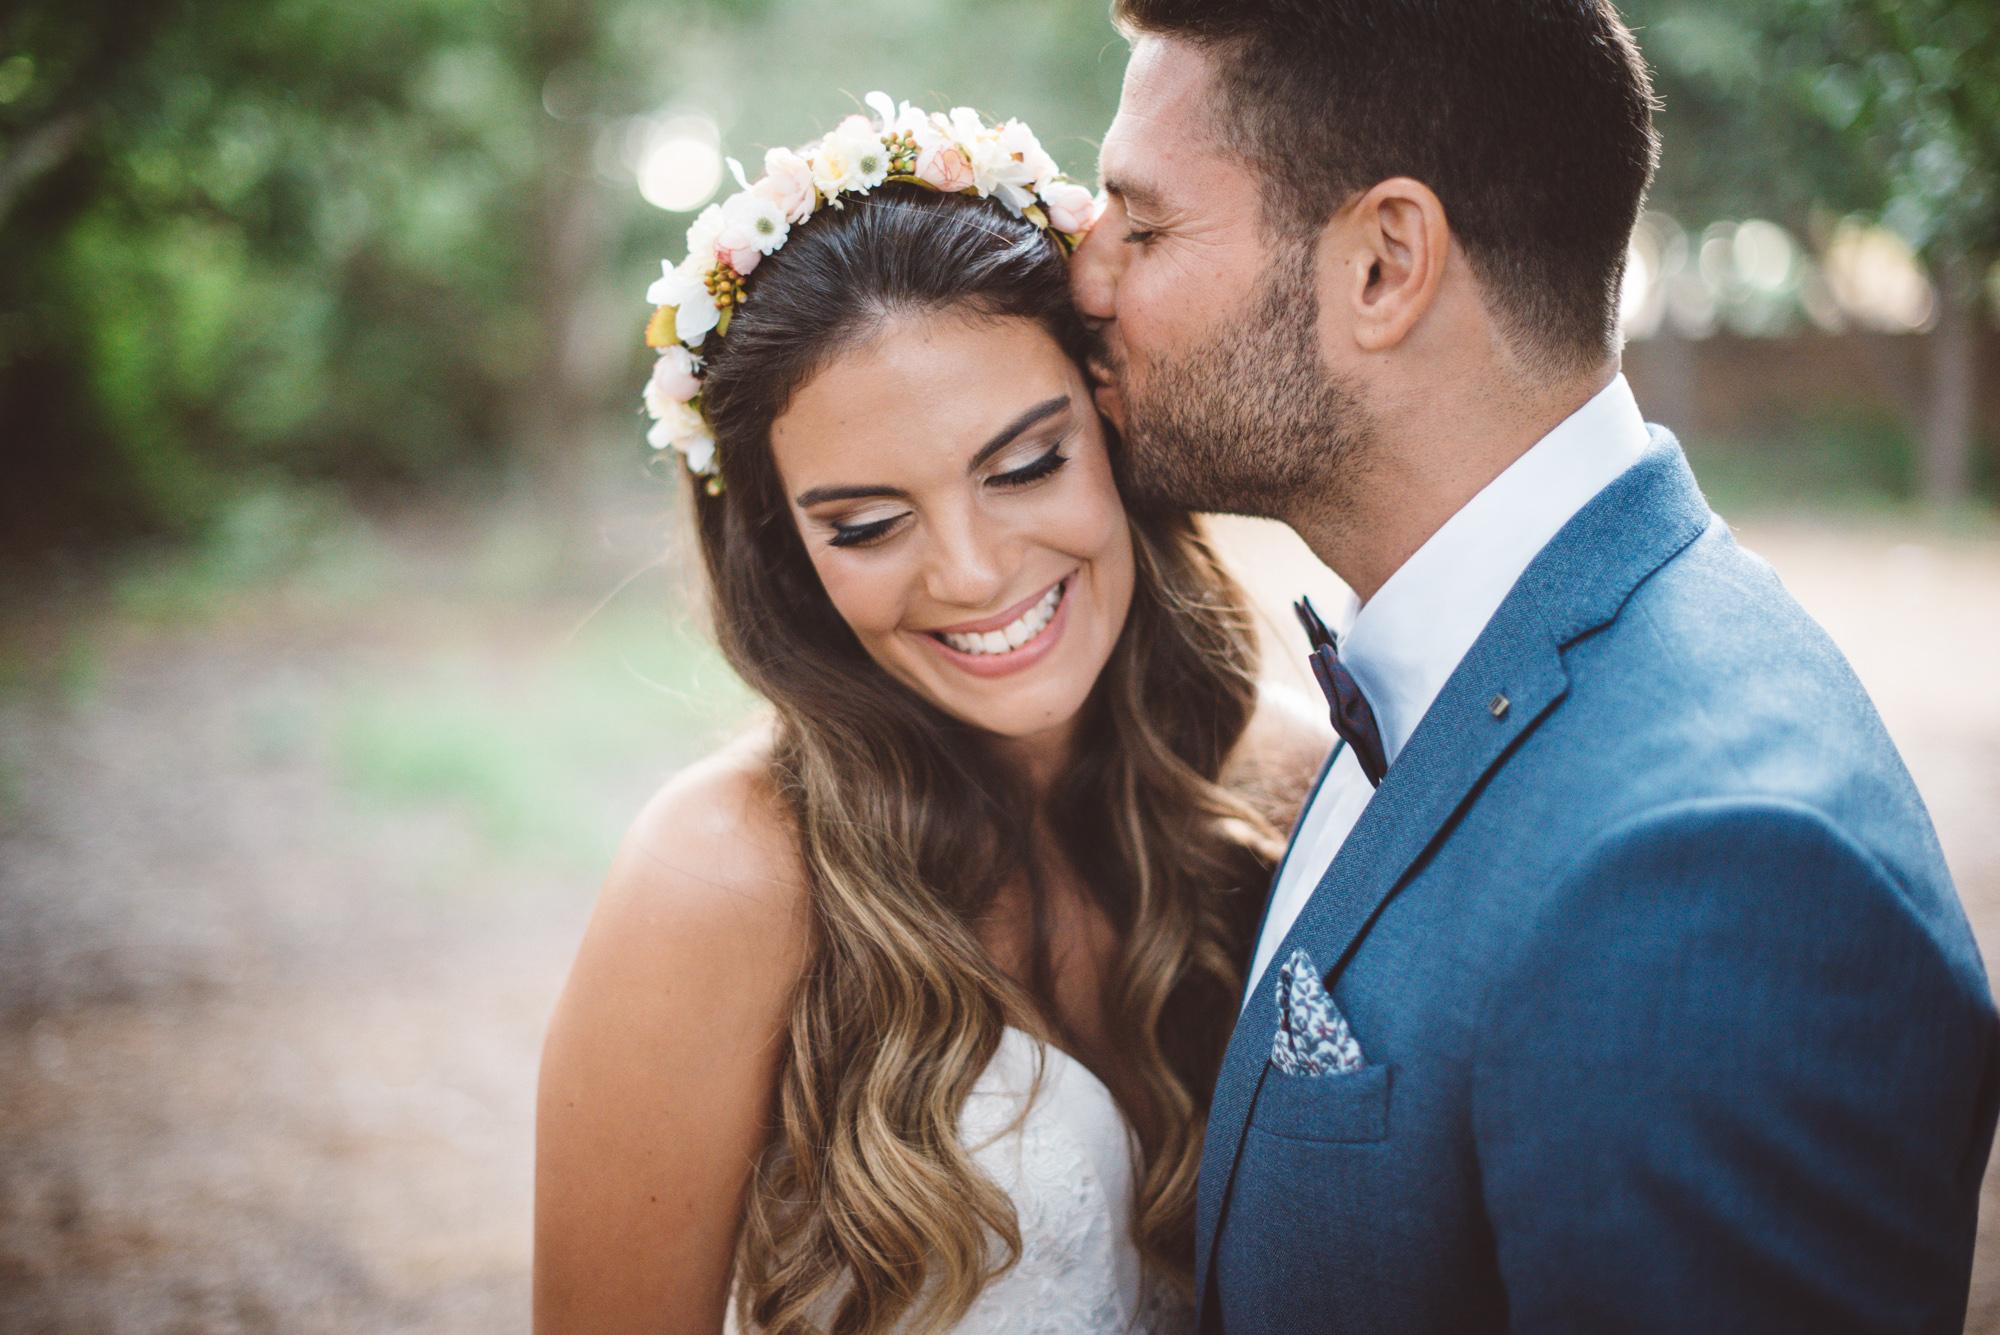 ירדן ואיתי ביום החתונה